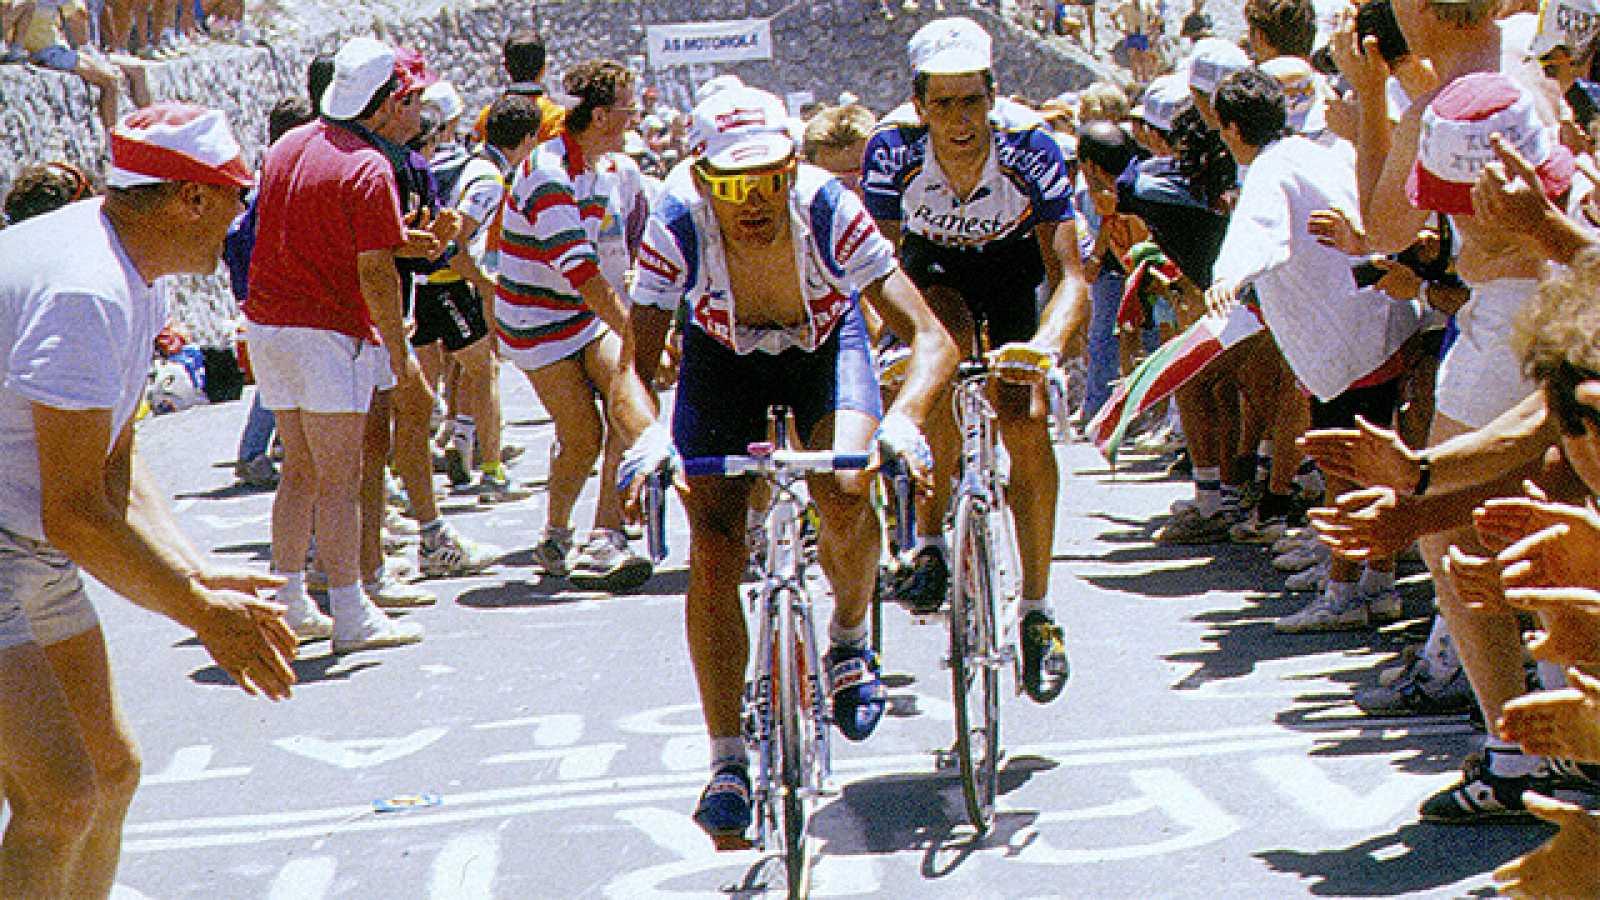 Miguel presentó su candidatura al batir a Lemond en la primera contrarreloj larga del Tour del 91, 73 km en torno a la localidad de Alençon. En la etapa reina de los Pirineos fue parte del reducido grupo de corredores favoritos a la victoria final. E